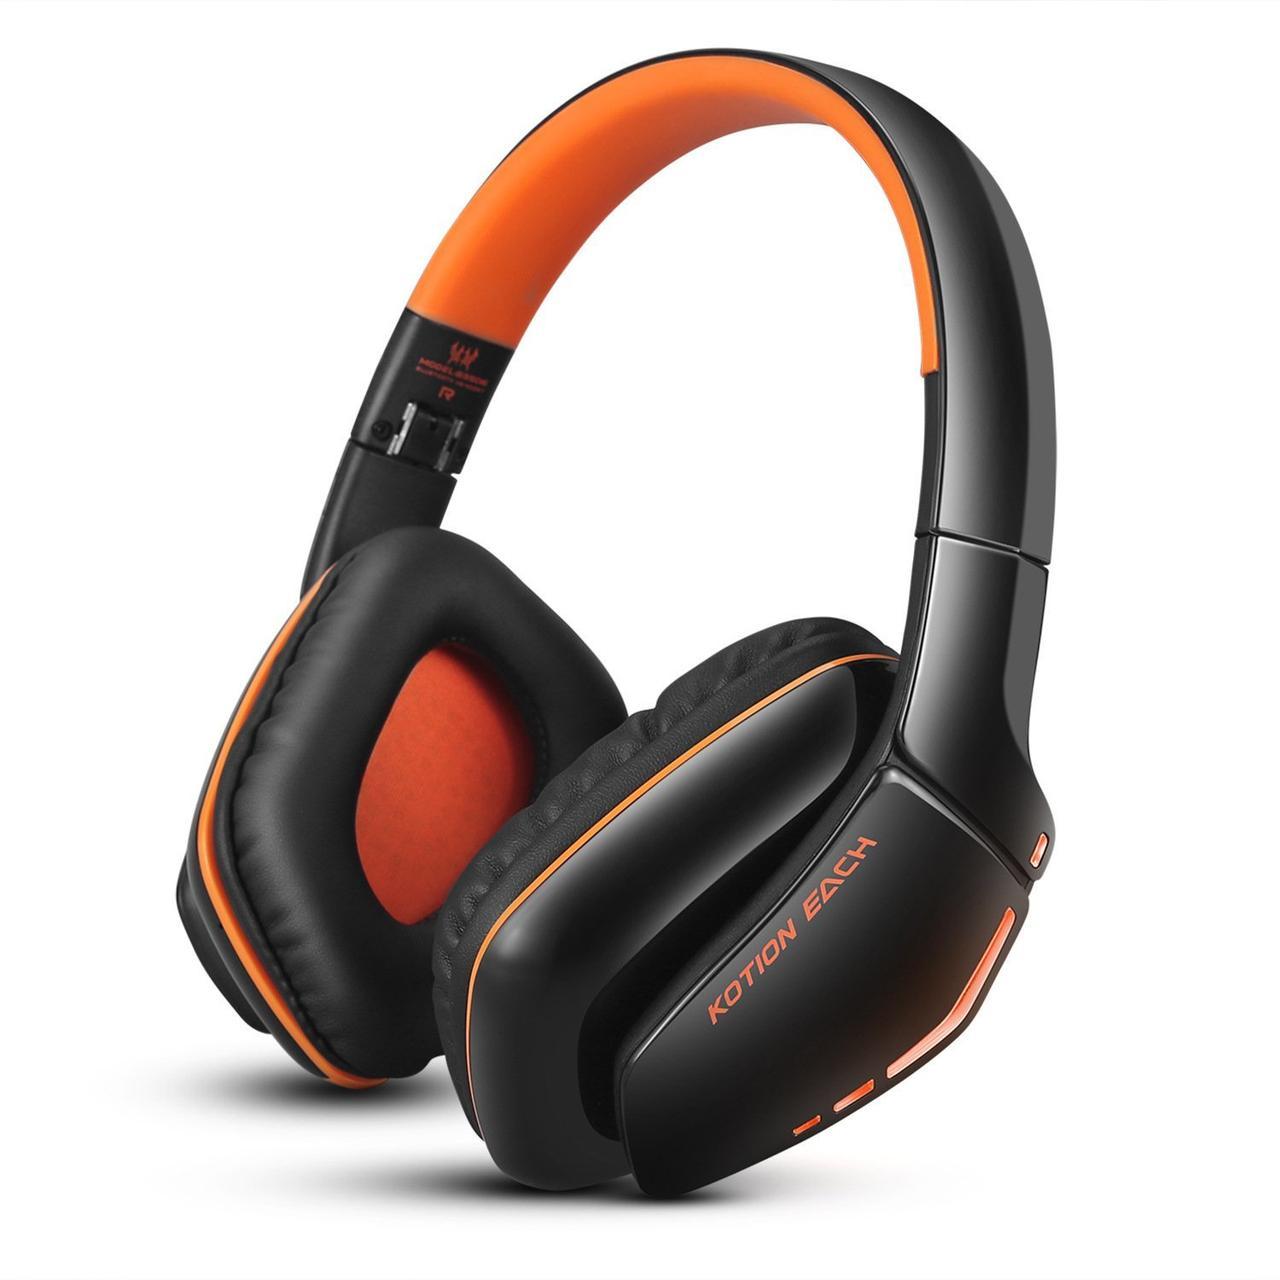 Бездротові Bluetooth-навушники Kotion EACH B3506 зі складною конструкцією Чорно-помаранчевий (hpkotb3506bor)